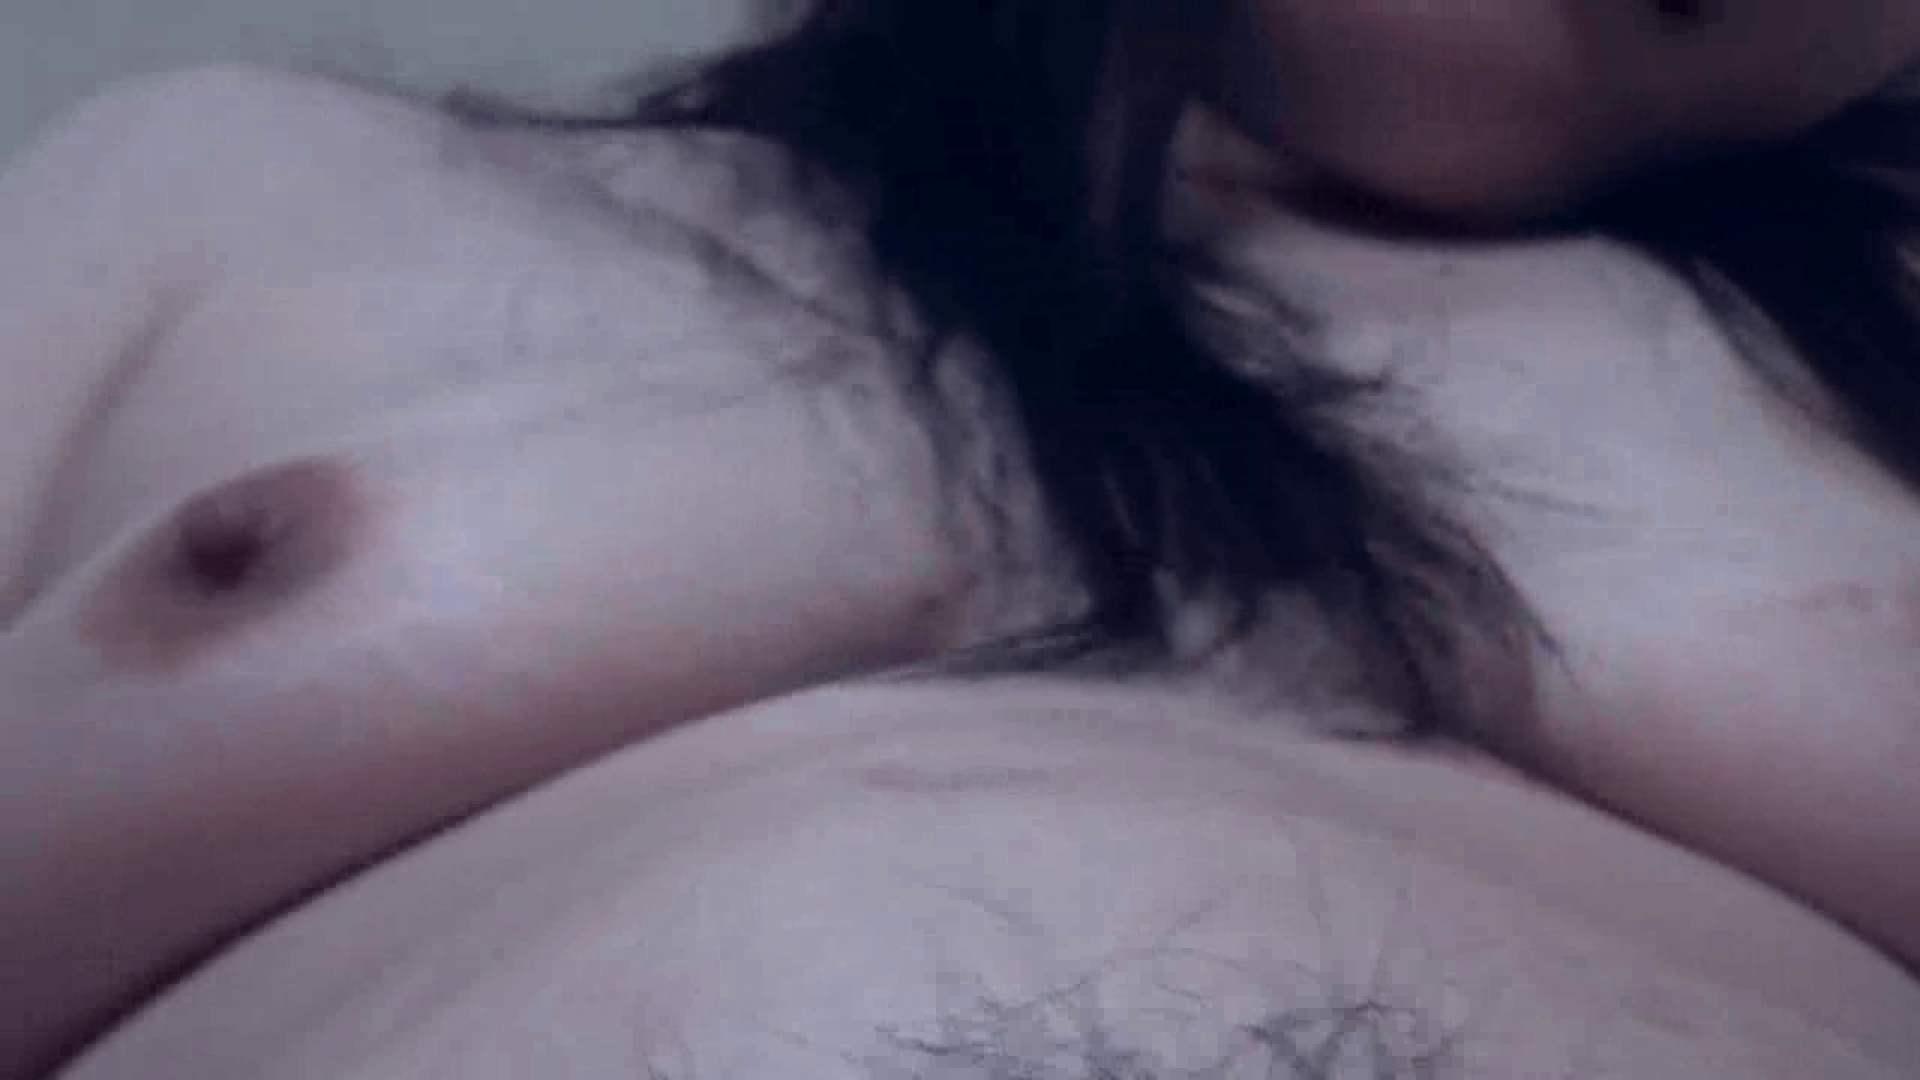 泥酔同級生セックスフレンドさゆりVol.3 OLの実態 盗み撮りSEX無修正画像 98pic 22